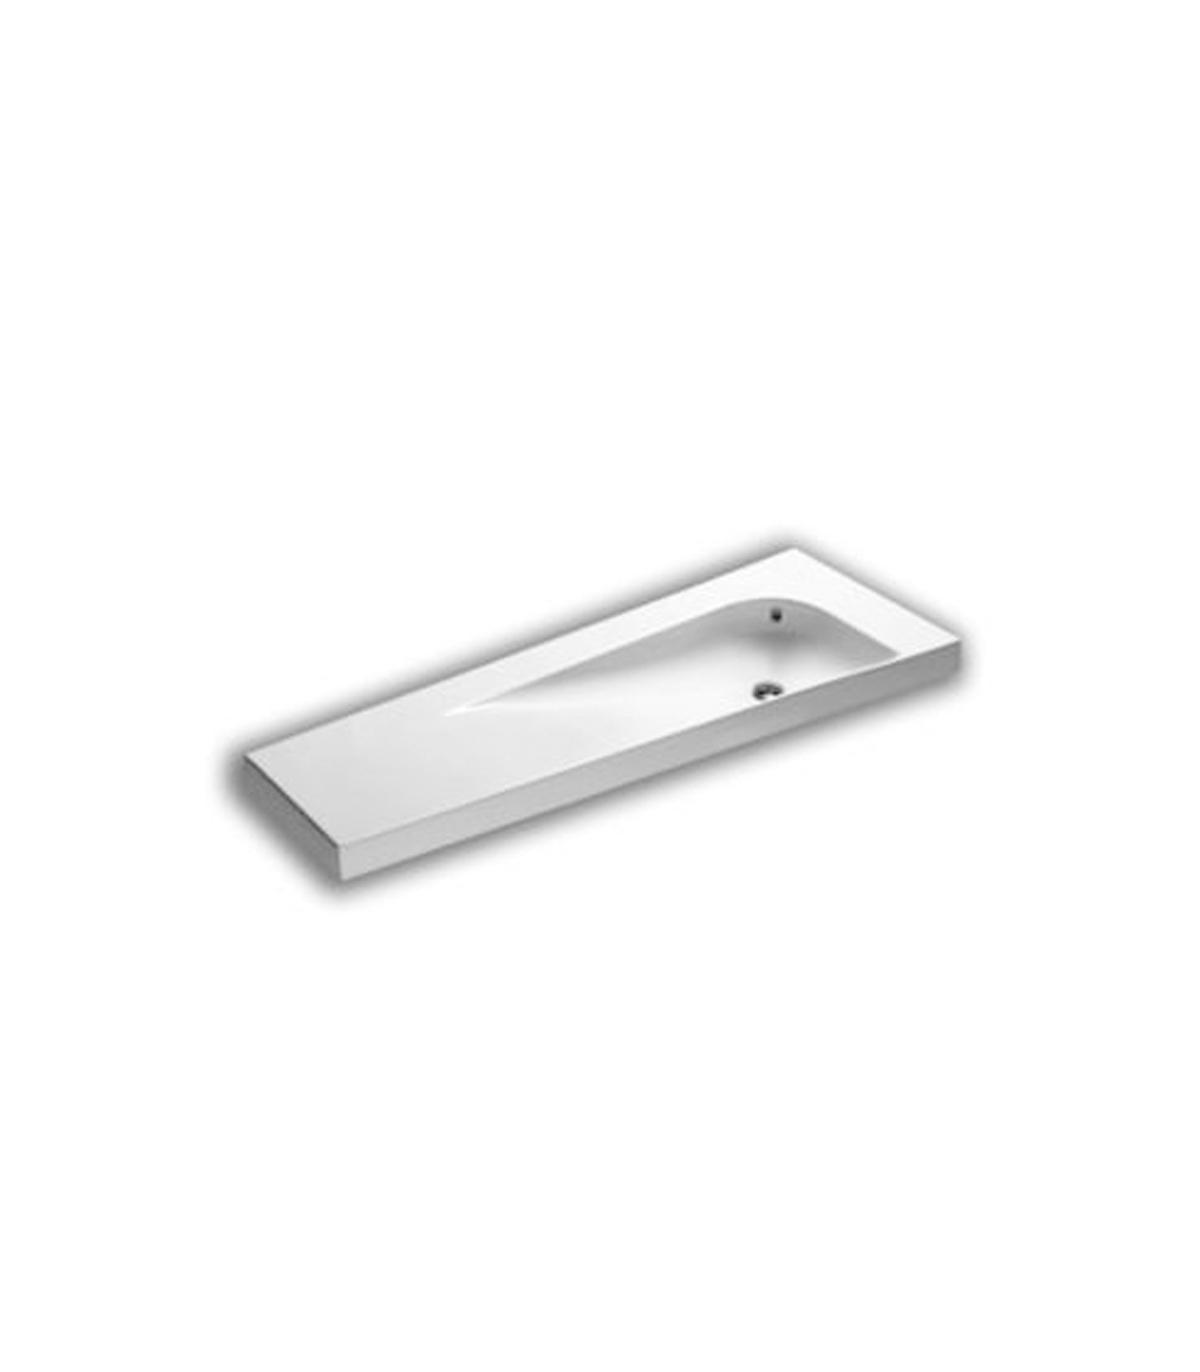 Specchio ingranditore con braccio snodo colombo 20cm cromo senza luce art b0125 - Specchio ingranditore con luce ...